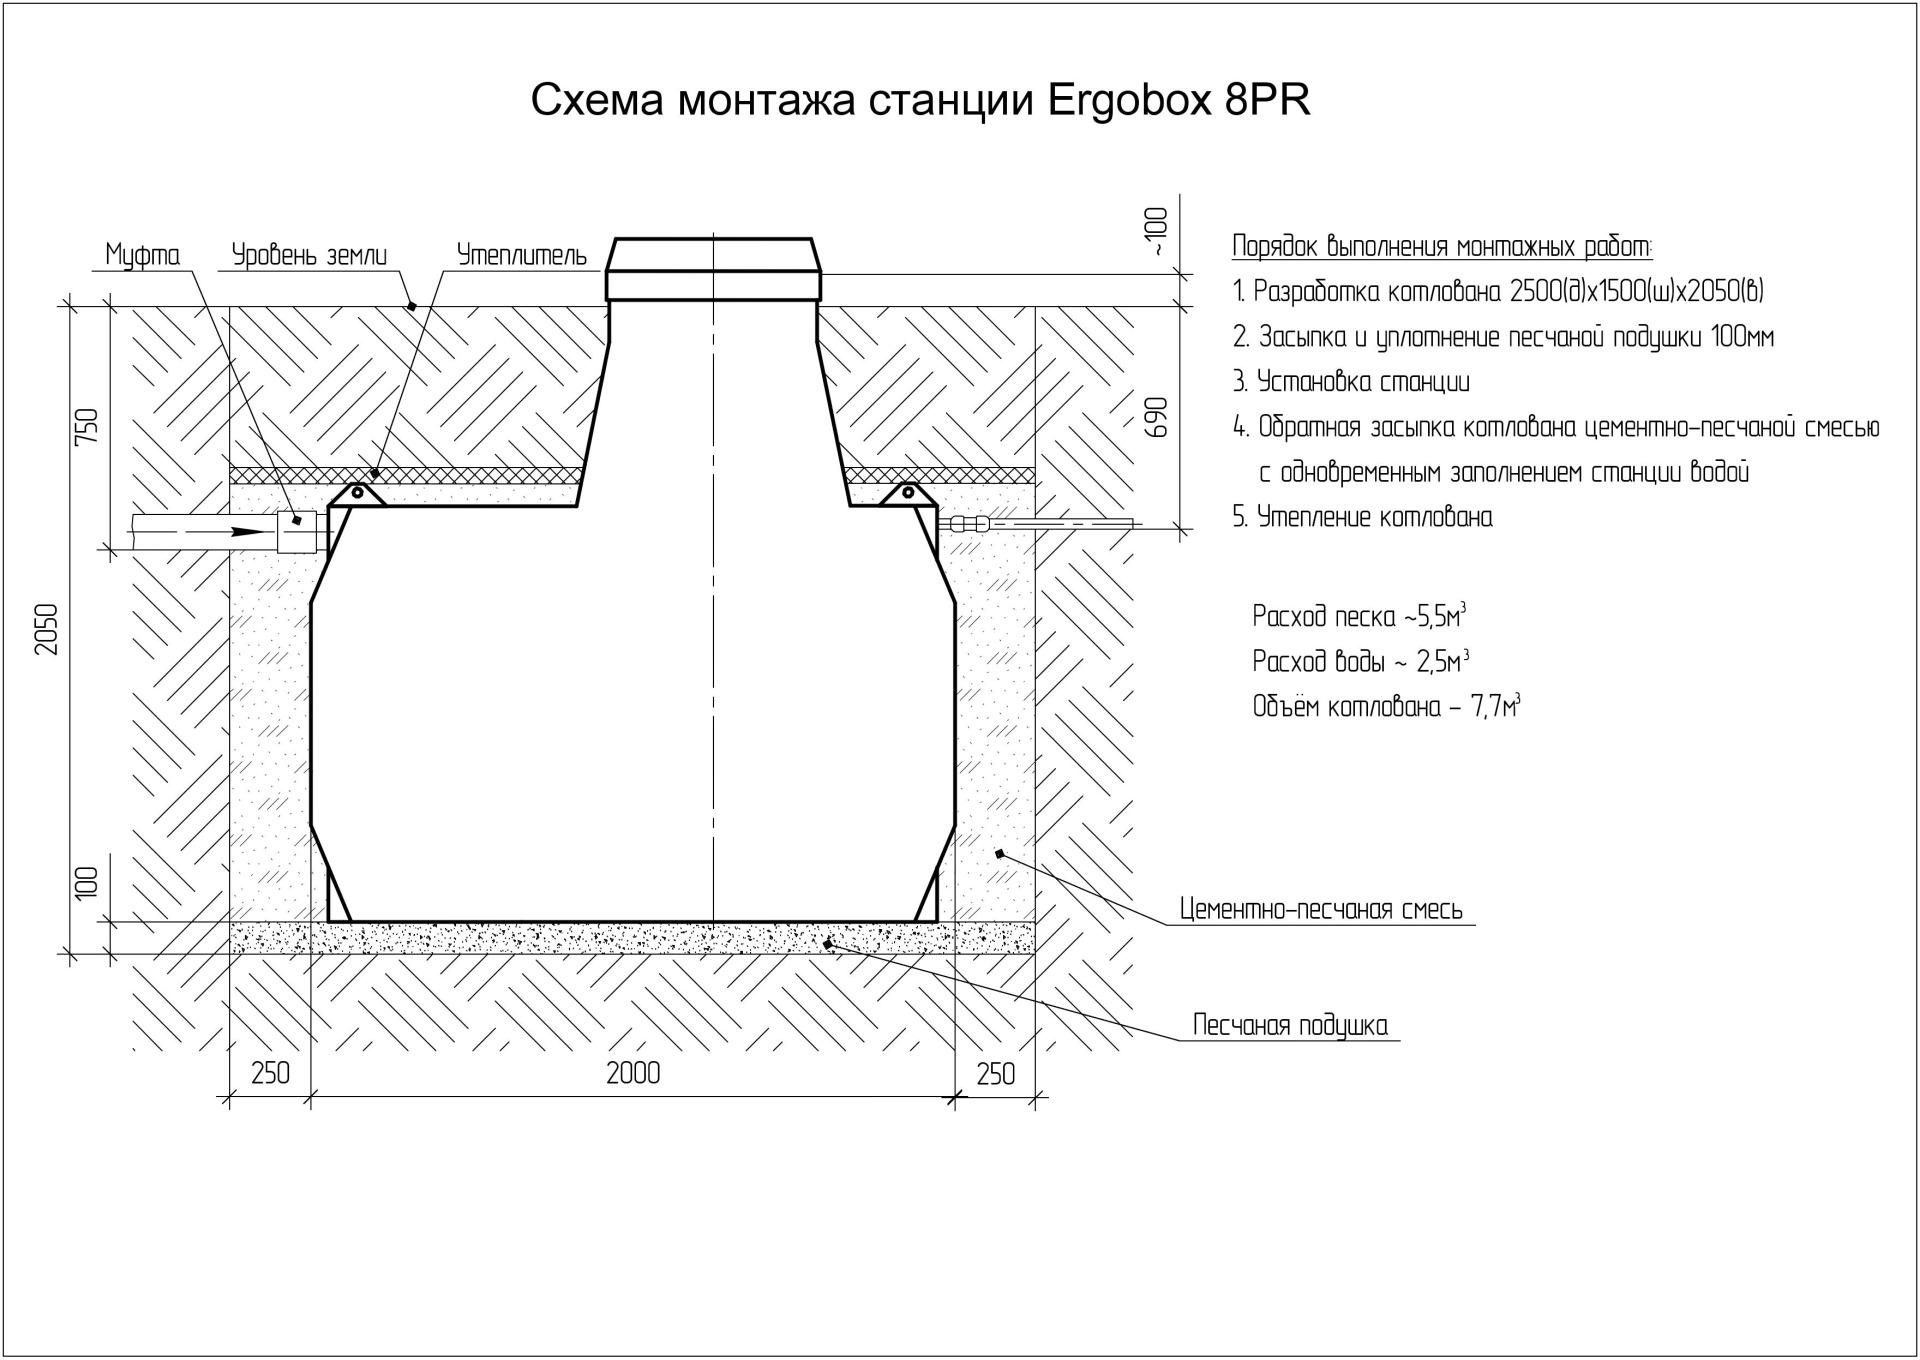 Монтажная схема Эргобокс 8 PR